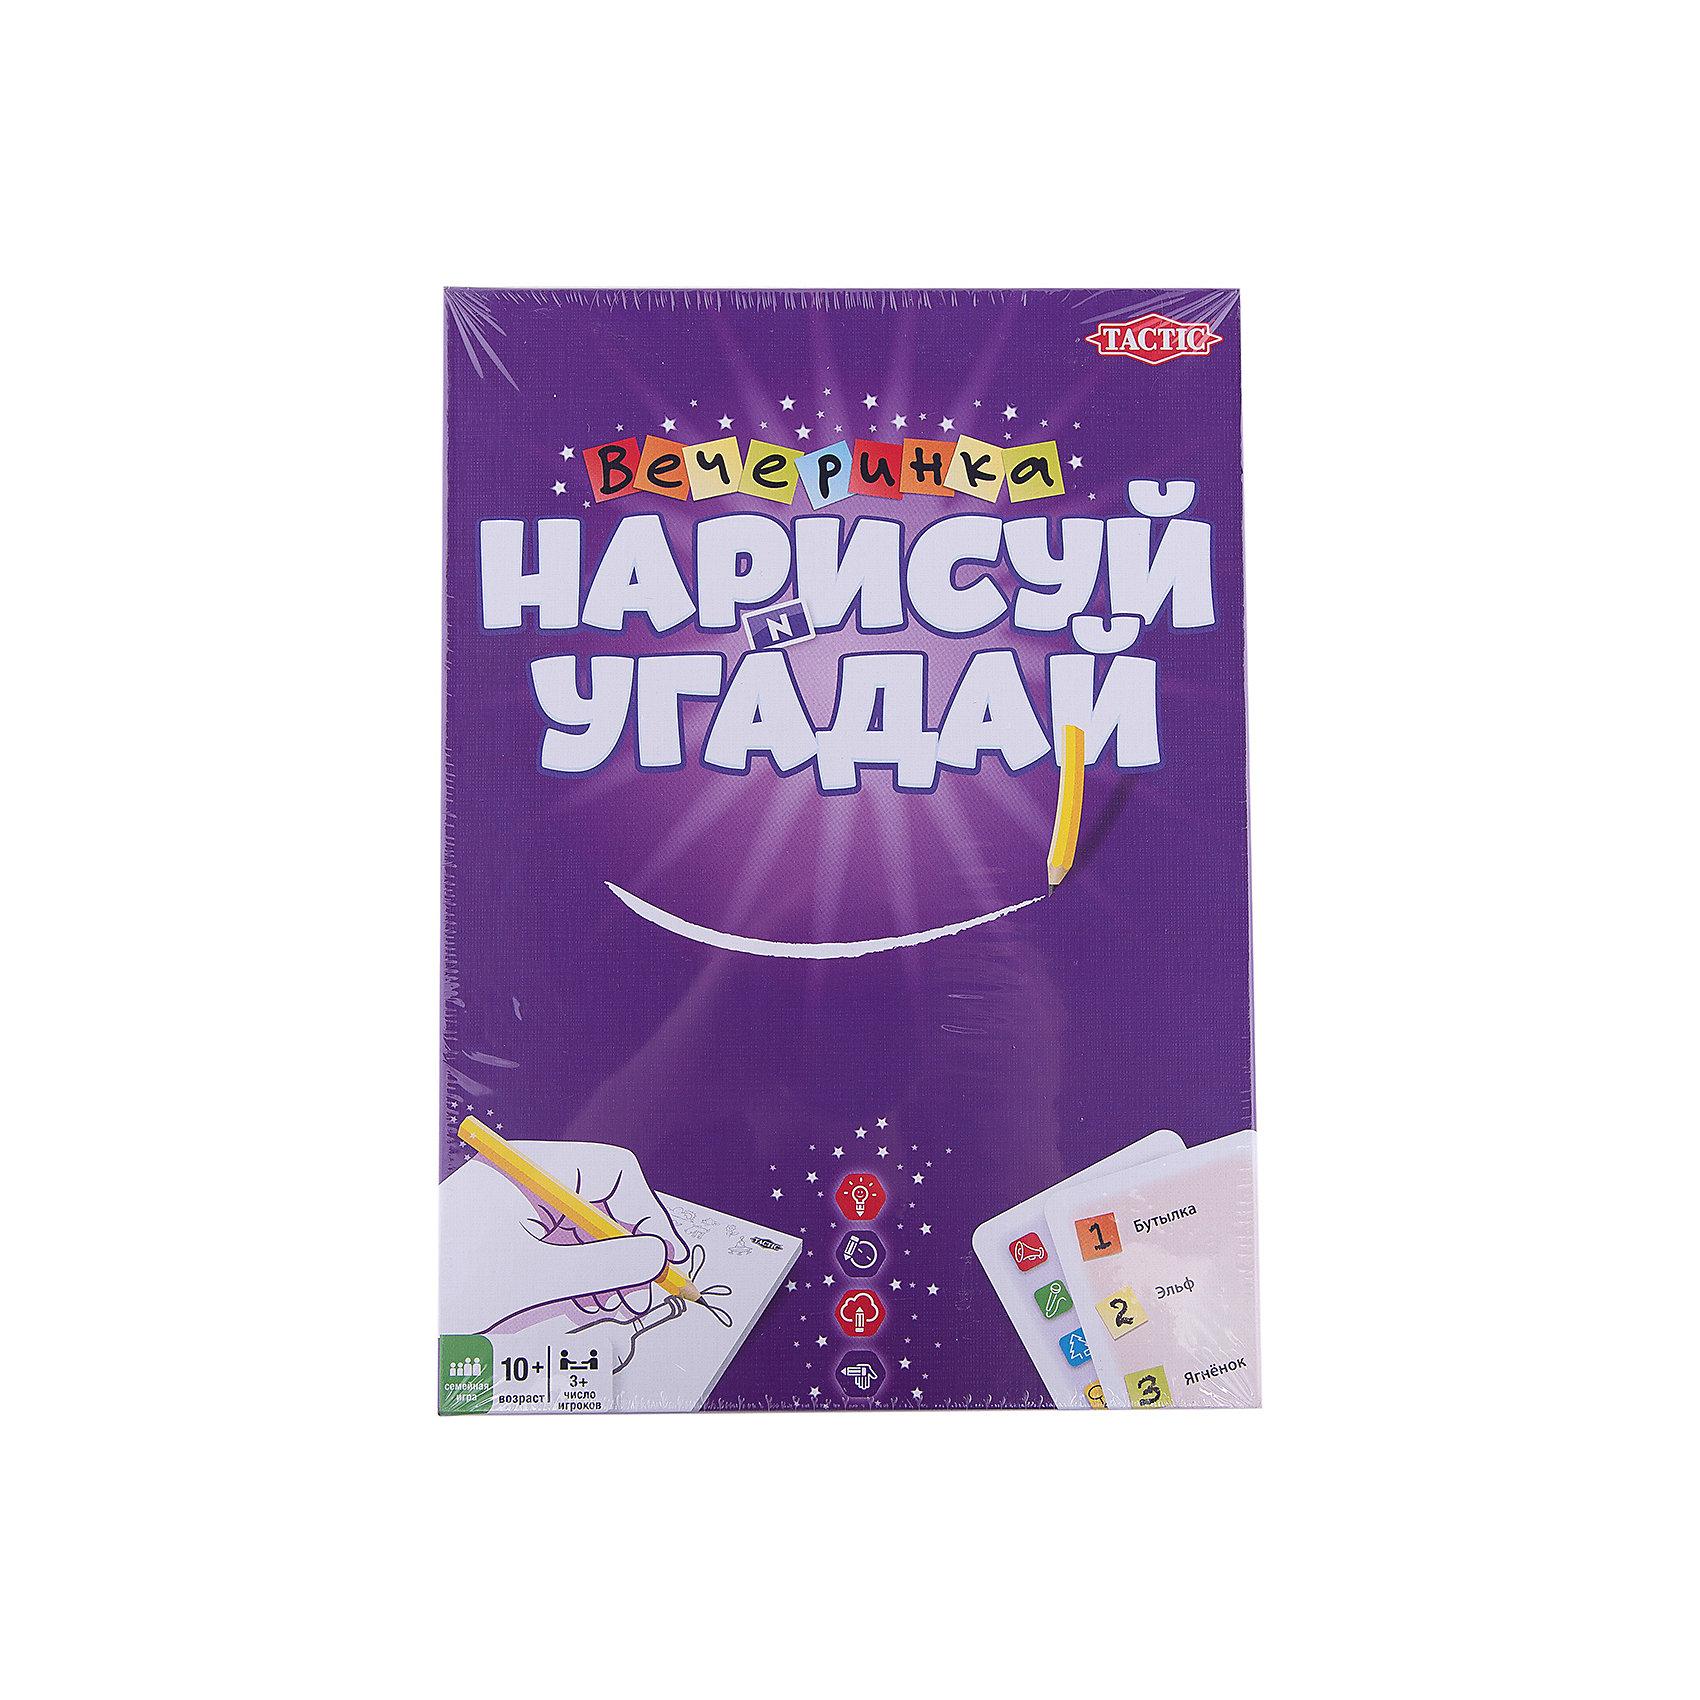 Tactic Games Настольная игра Нарисуй и угадай Вечеринка, Tactic Games tactic games настольная игра туше